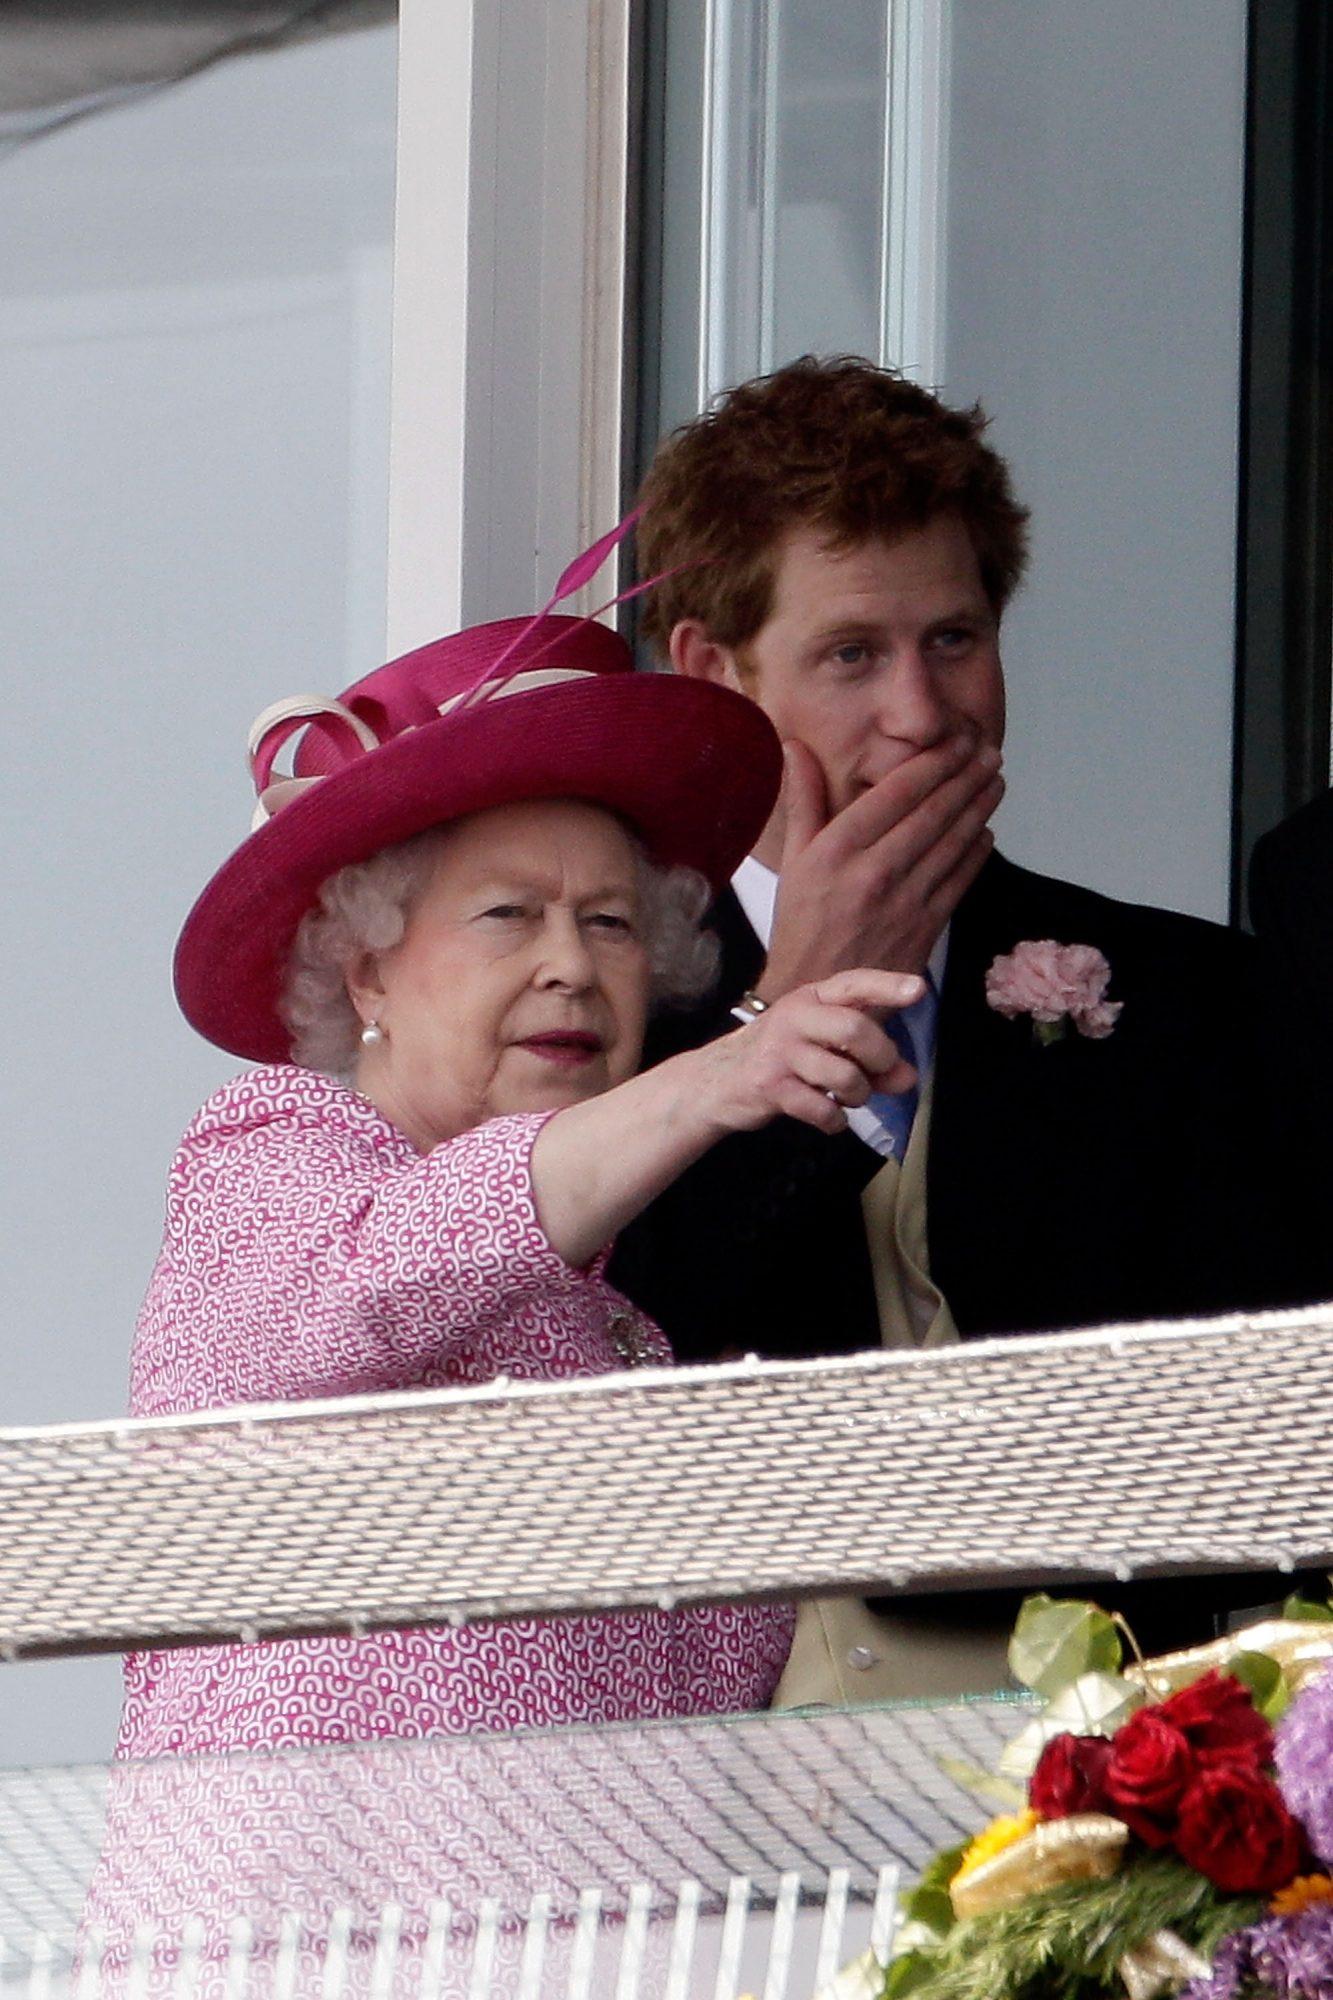 príncipe Harry reina Isabel